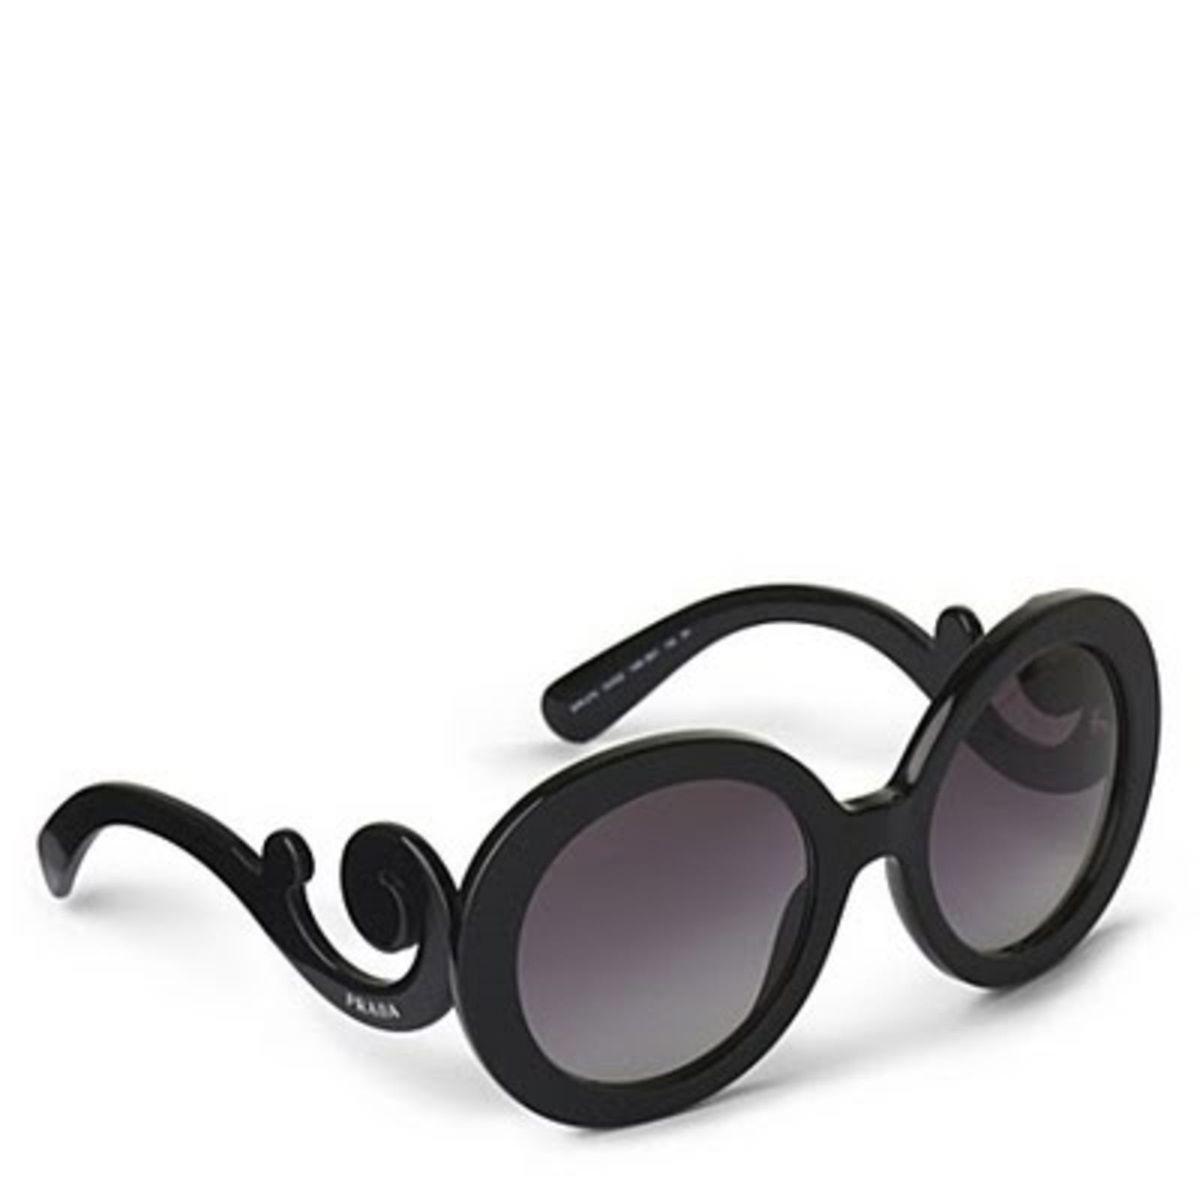 d160f81ac Óculos Prada Baroque Redondo | Óculos Feminino Prada Nunca Usado 12813947 |  enjoei